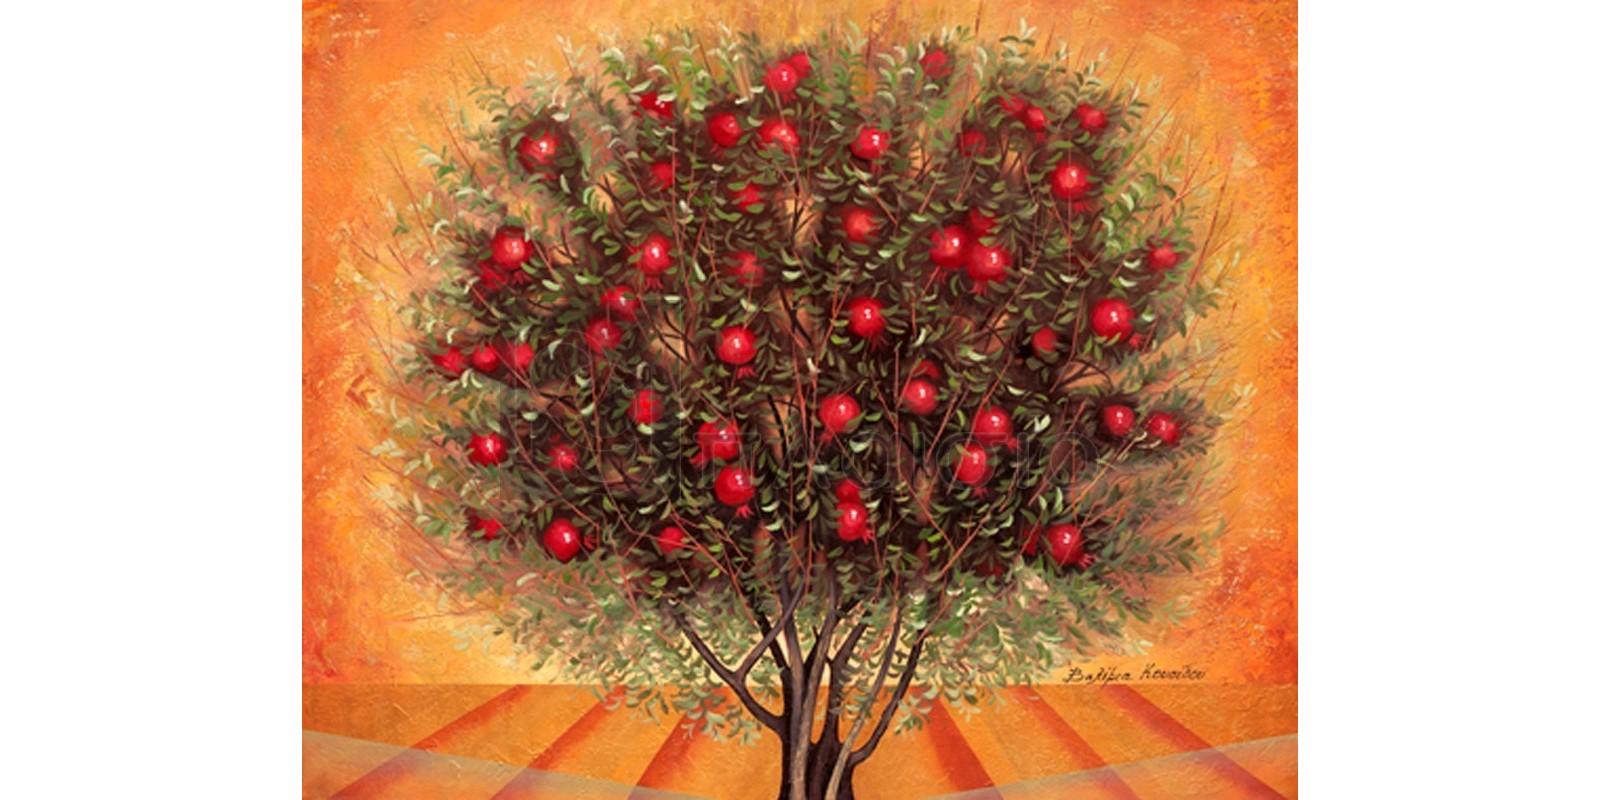 Βαλέρια Κουσίδου - Ροδιά